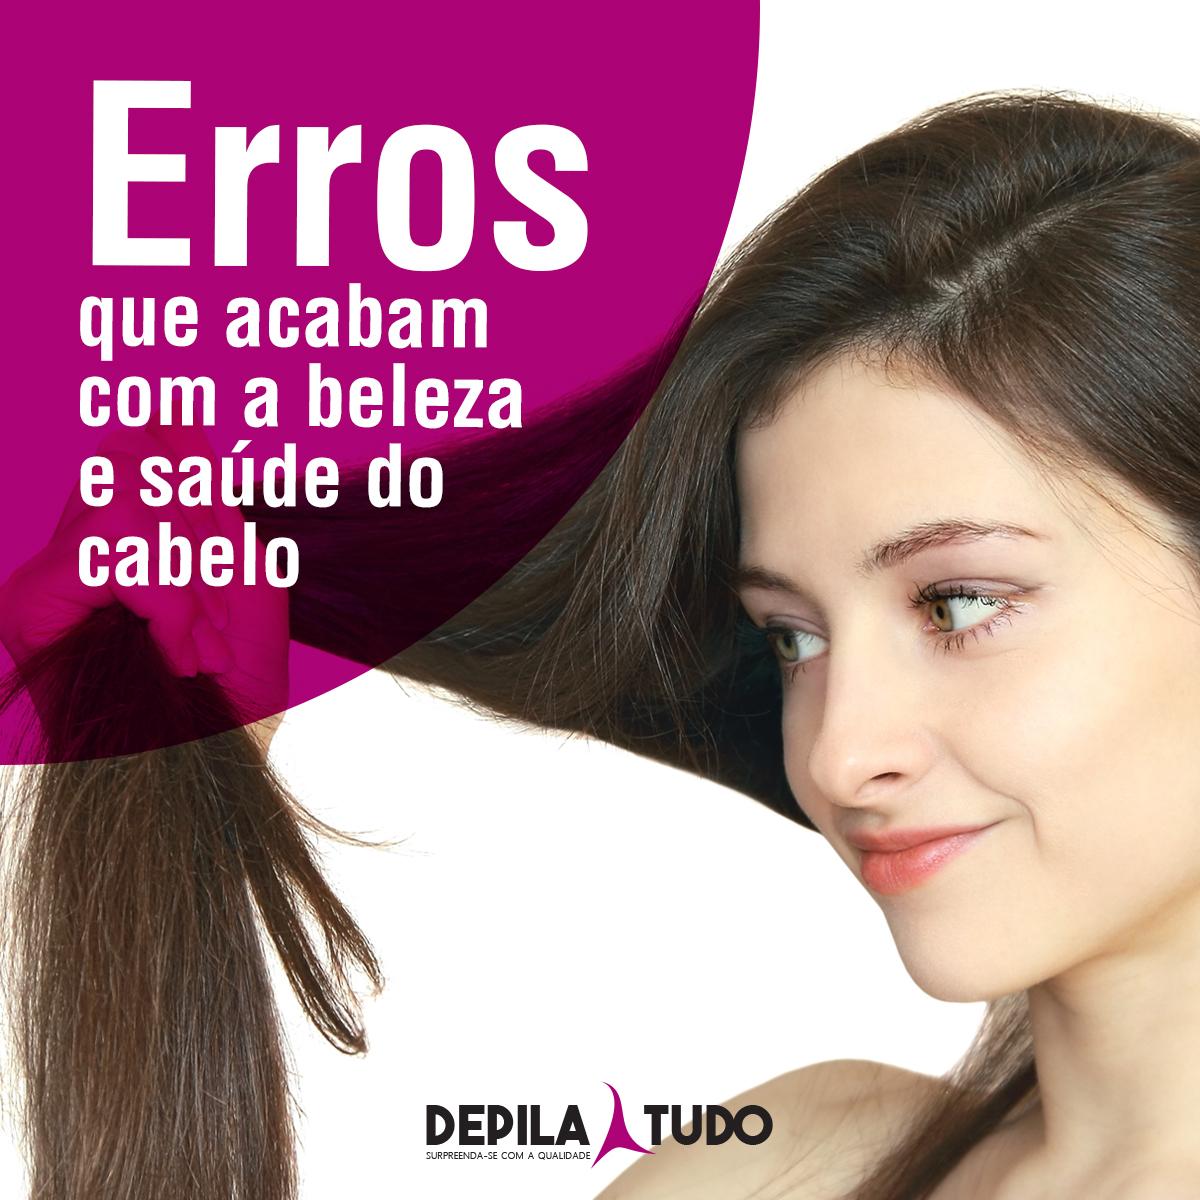 Erros-que-acabam-com-a-beleza-e-saúde-do-cabelo-depila-tudo-01